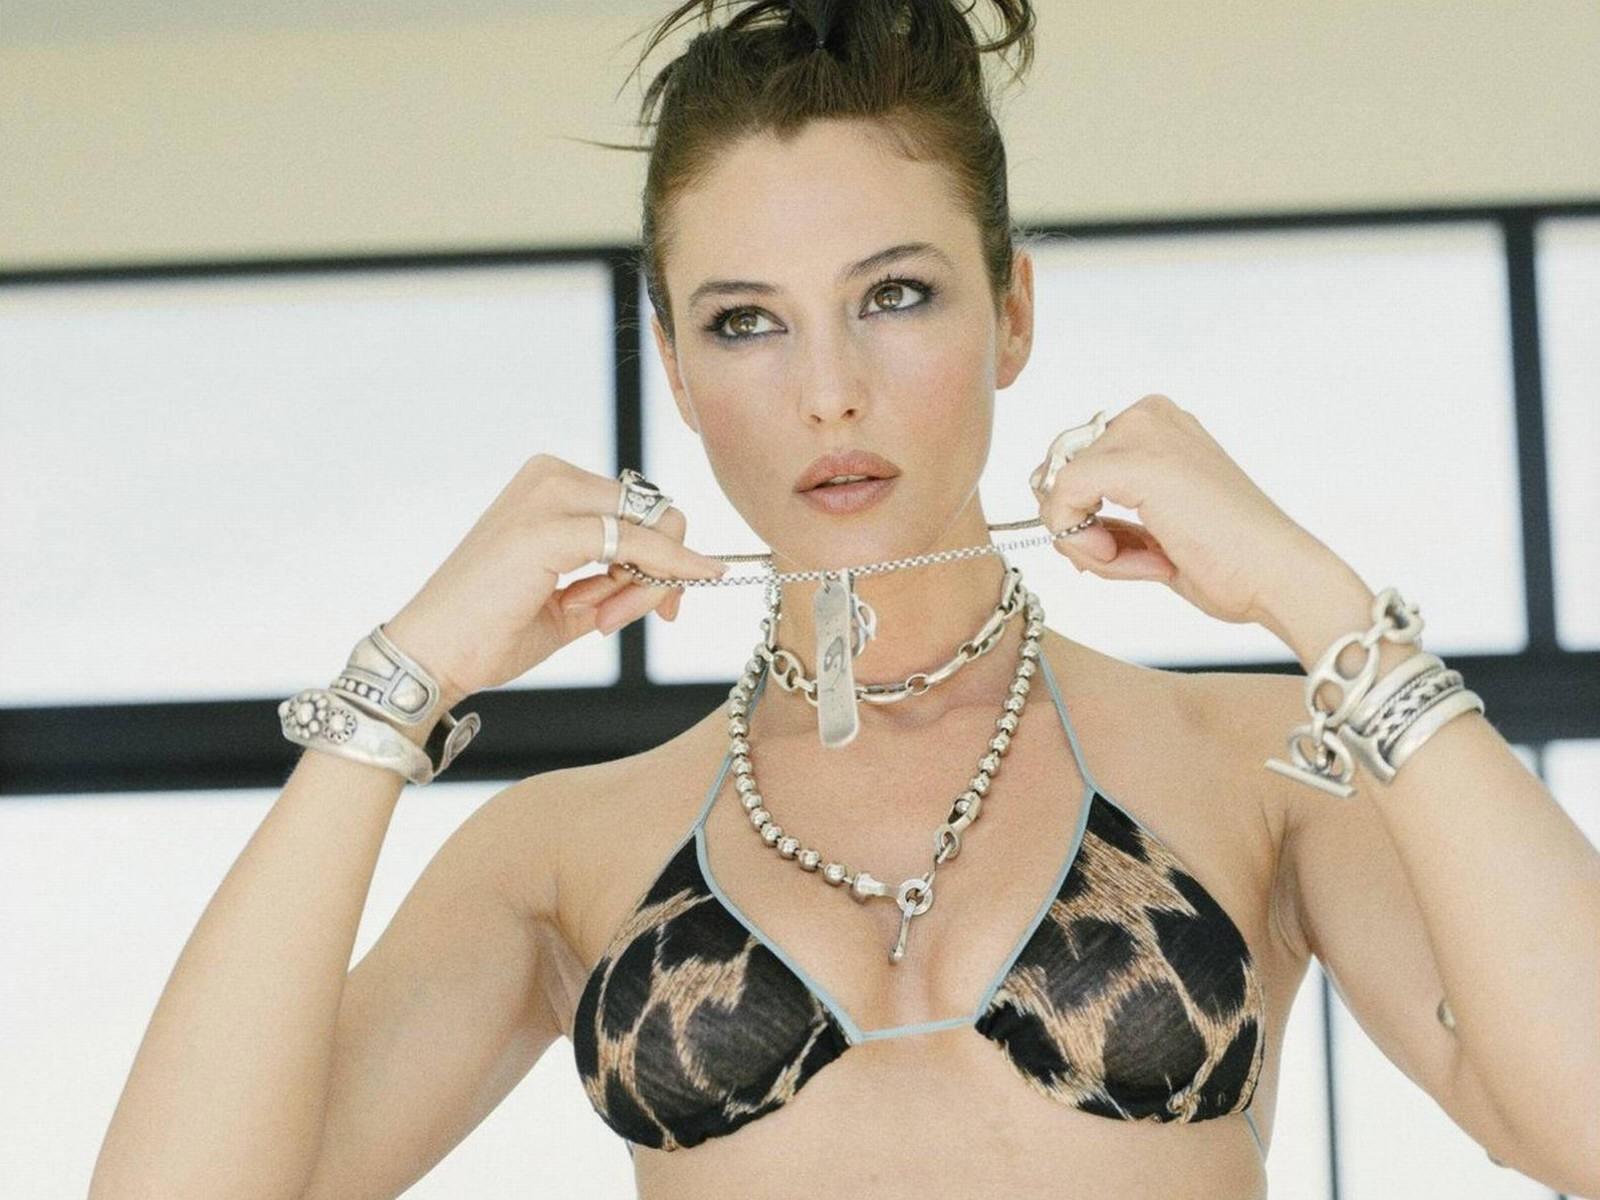 Wallpaper di Monica Bellucci in bikini